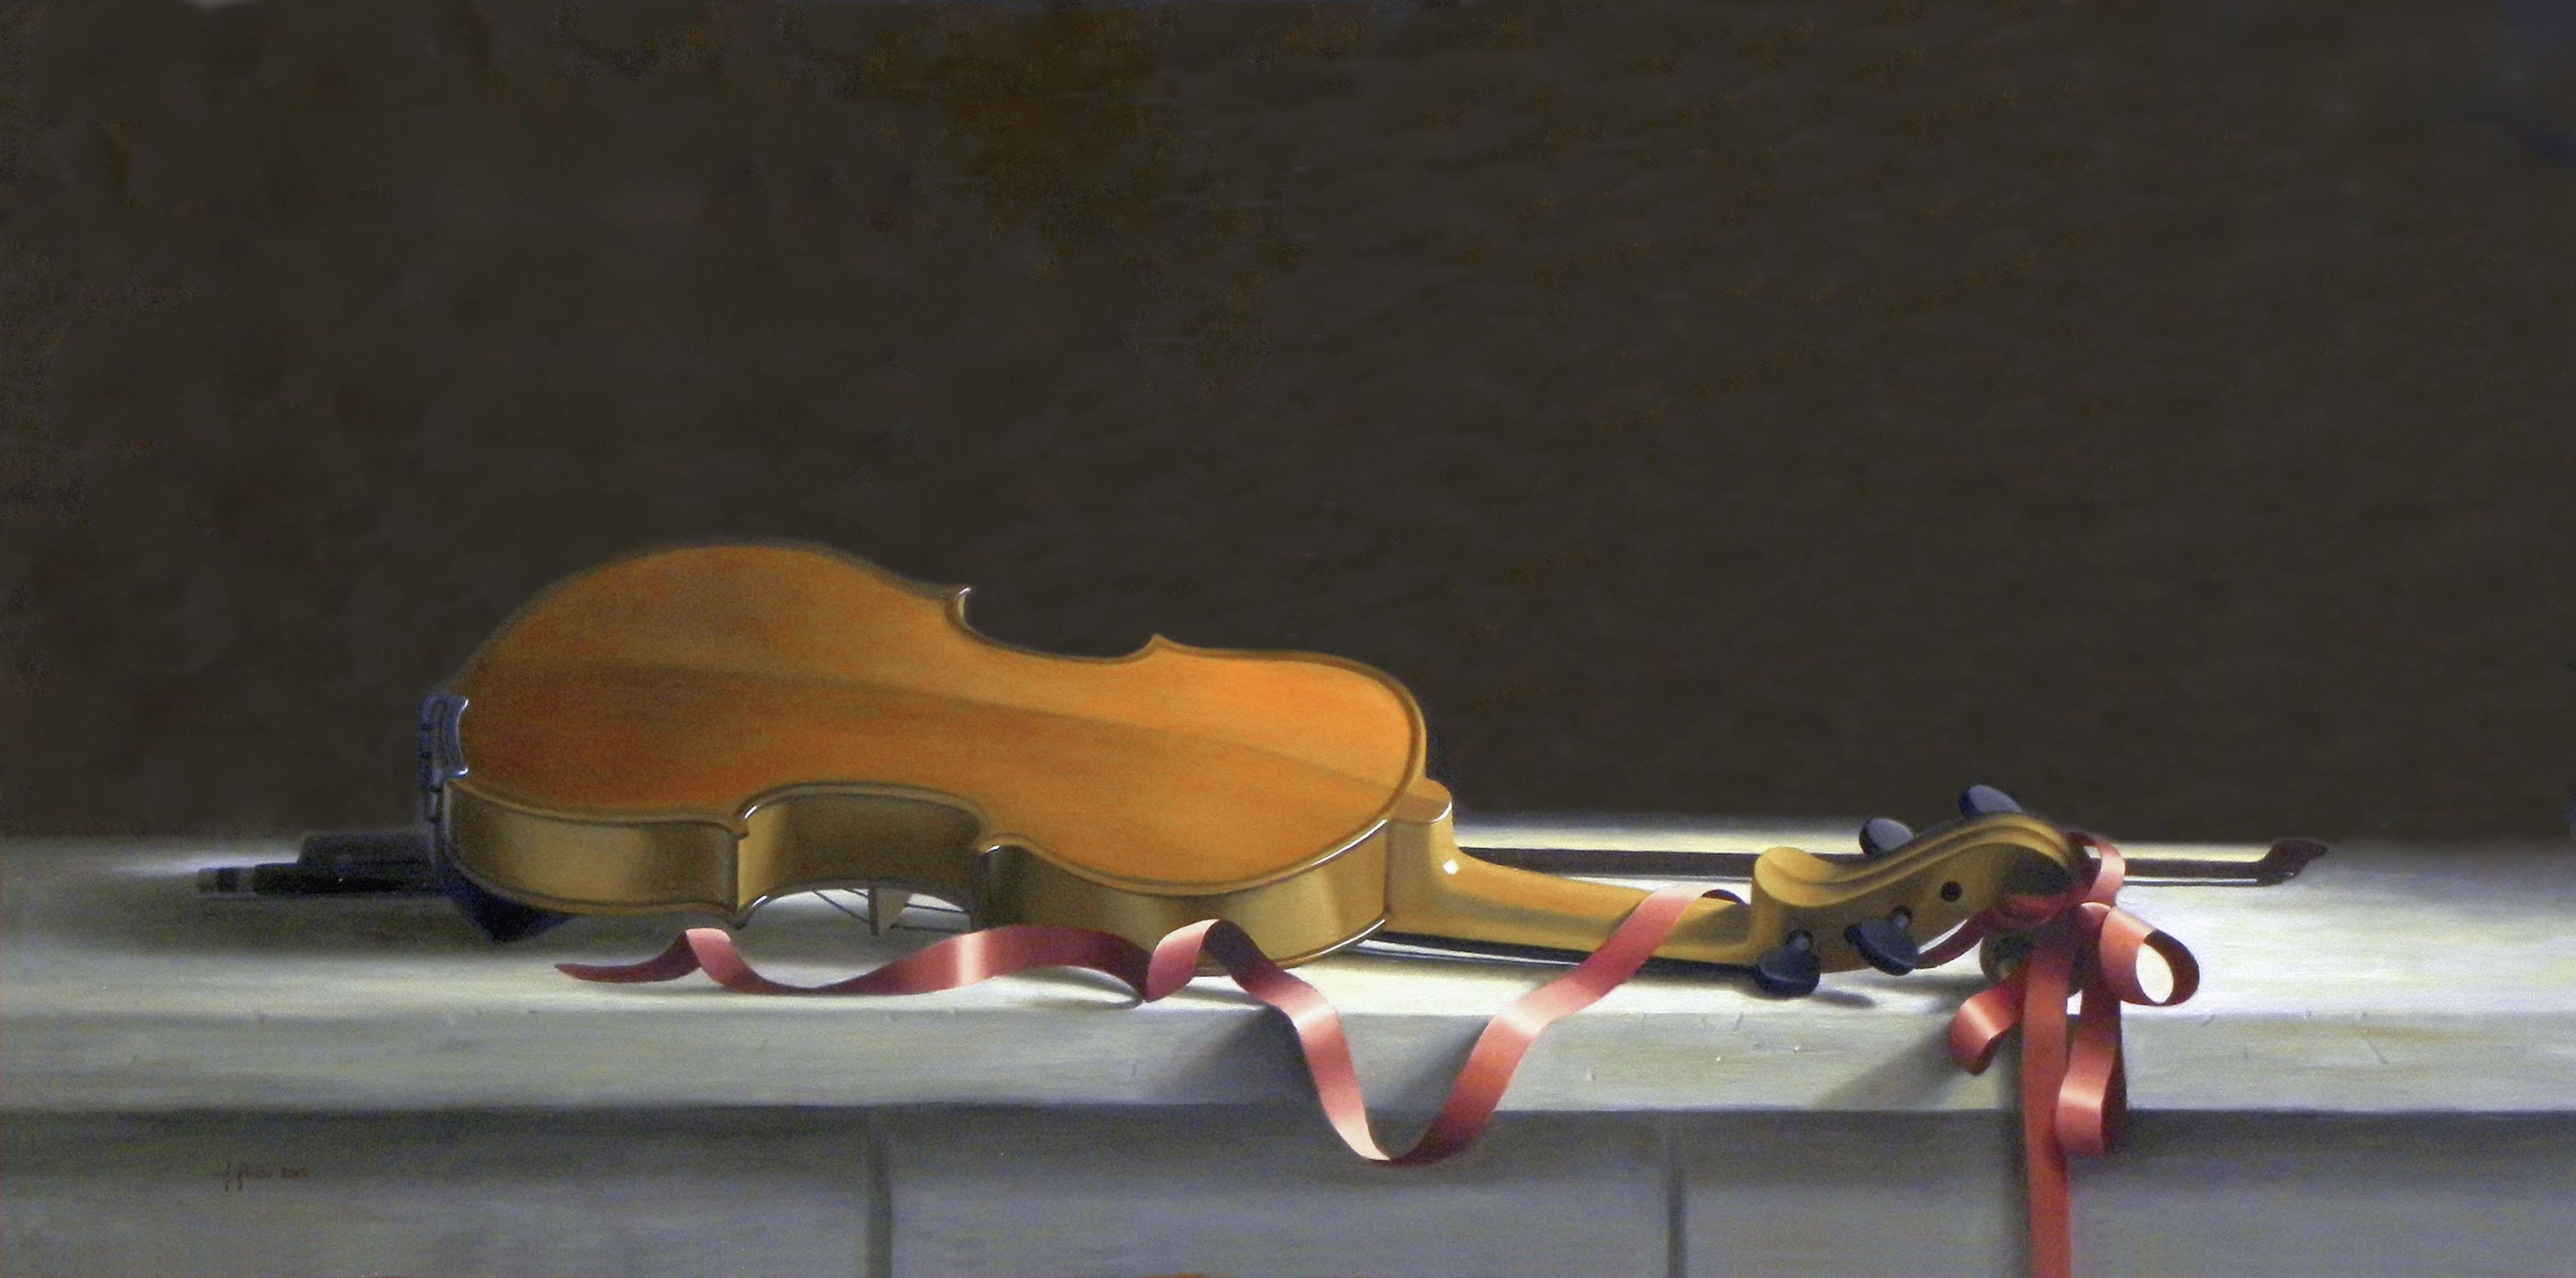 2015 roberta rossi - dopo il concerto - olio su tela - 40 x 80